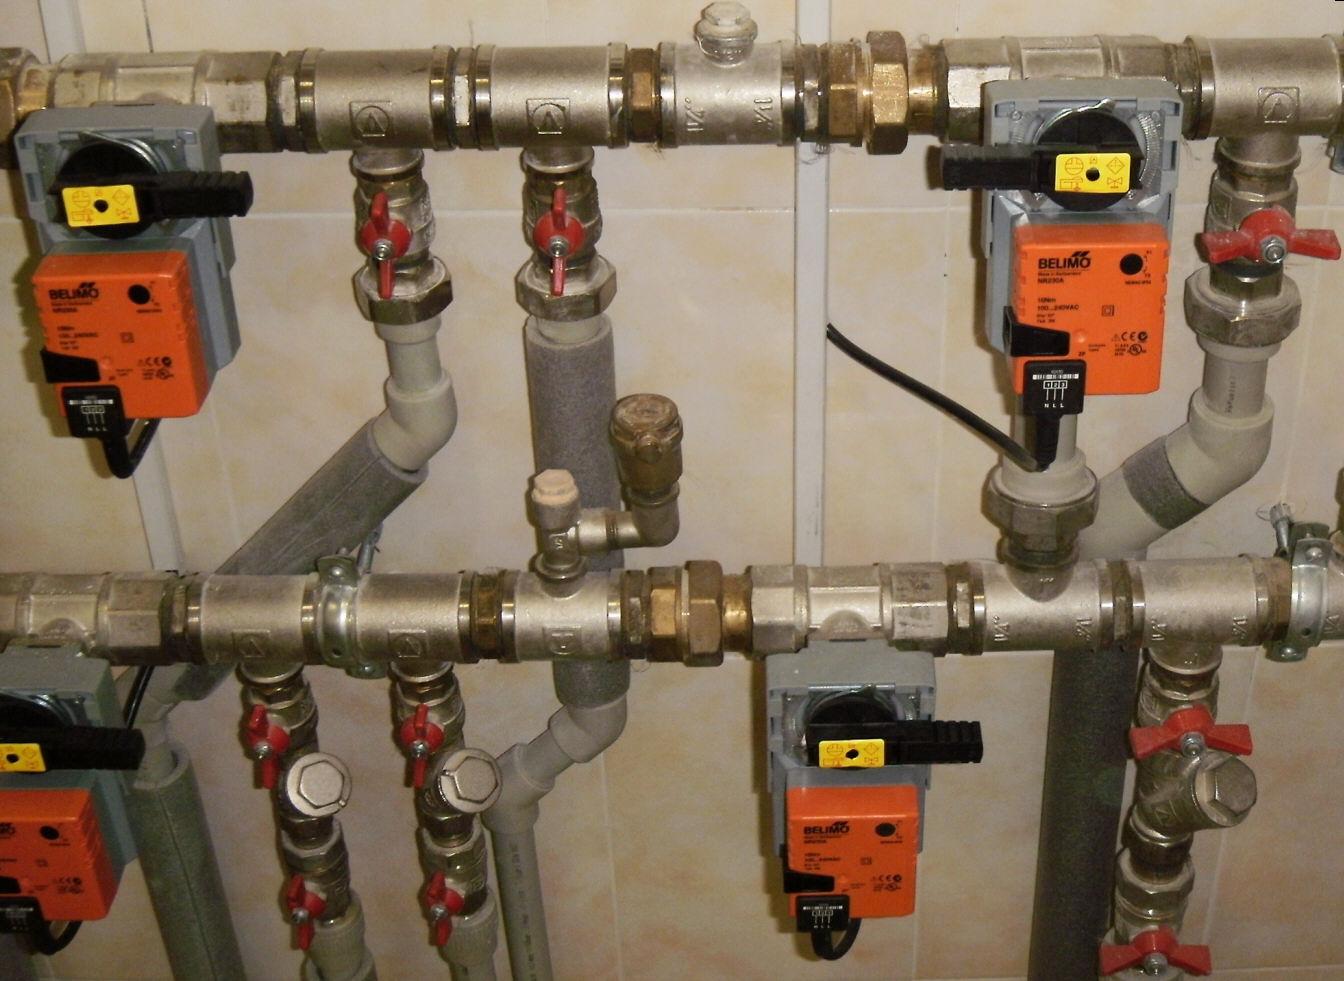 погодо зависимый режим работы газового котла